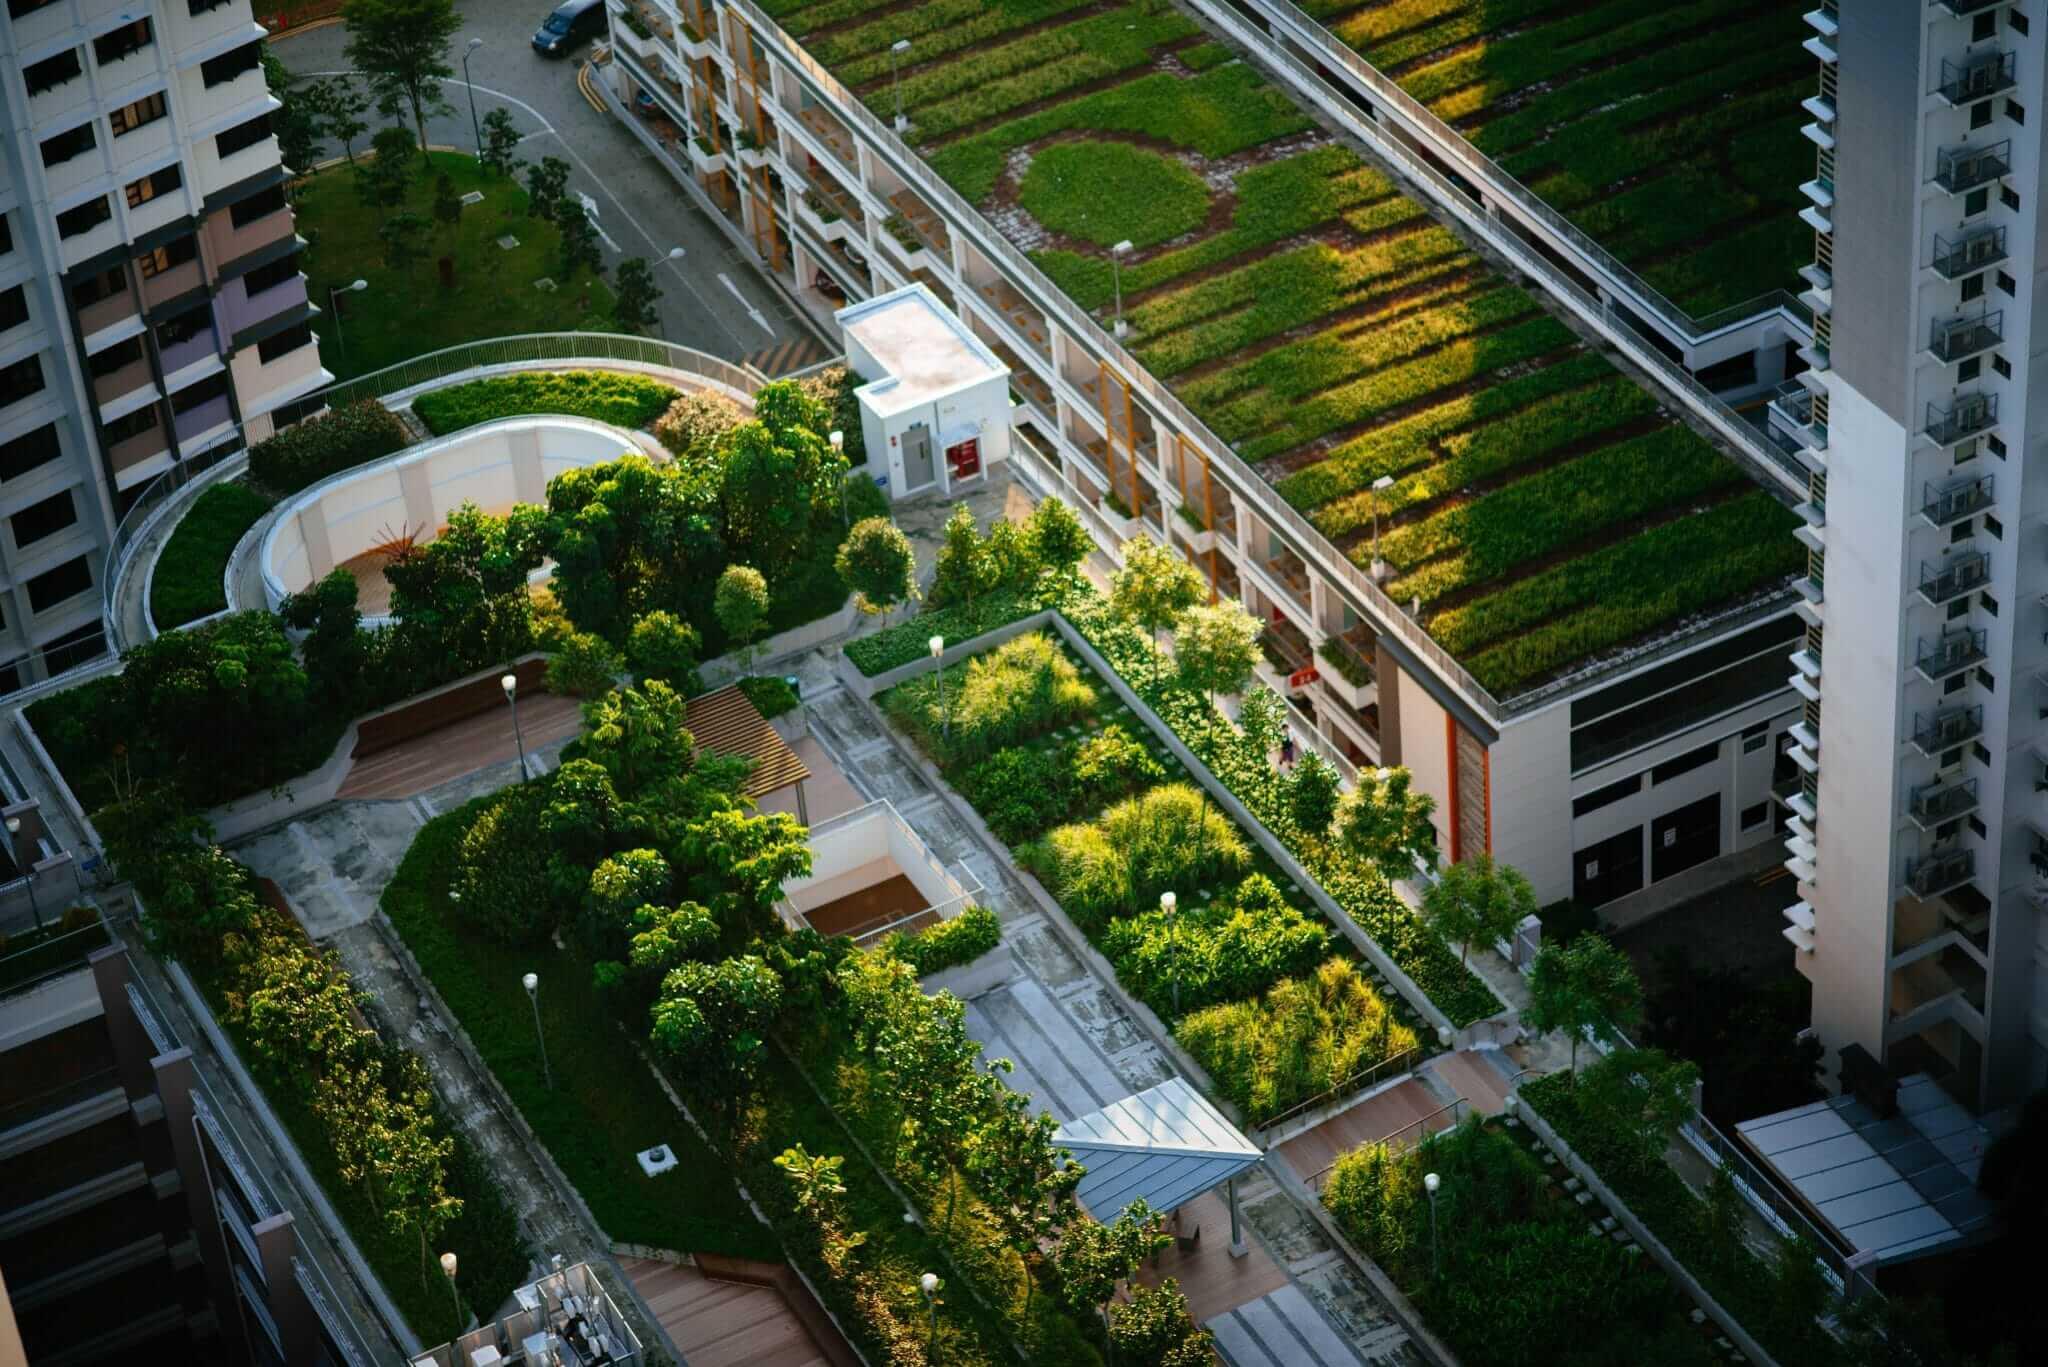 đô thị bền vững